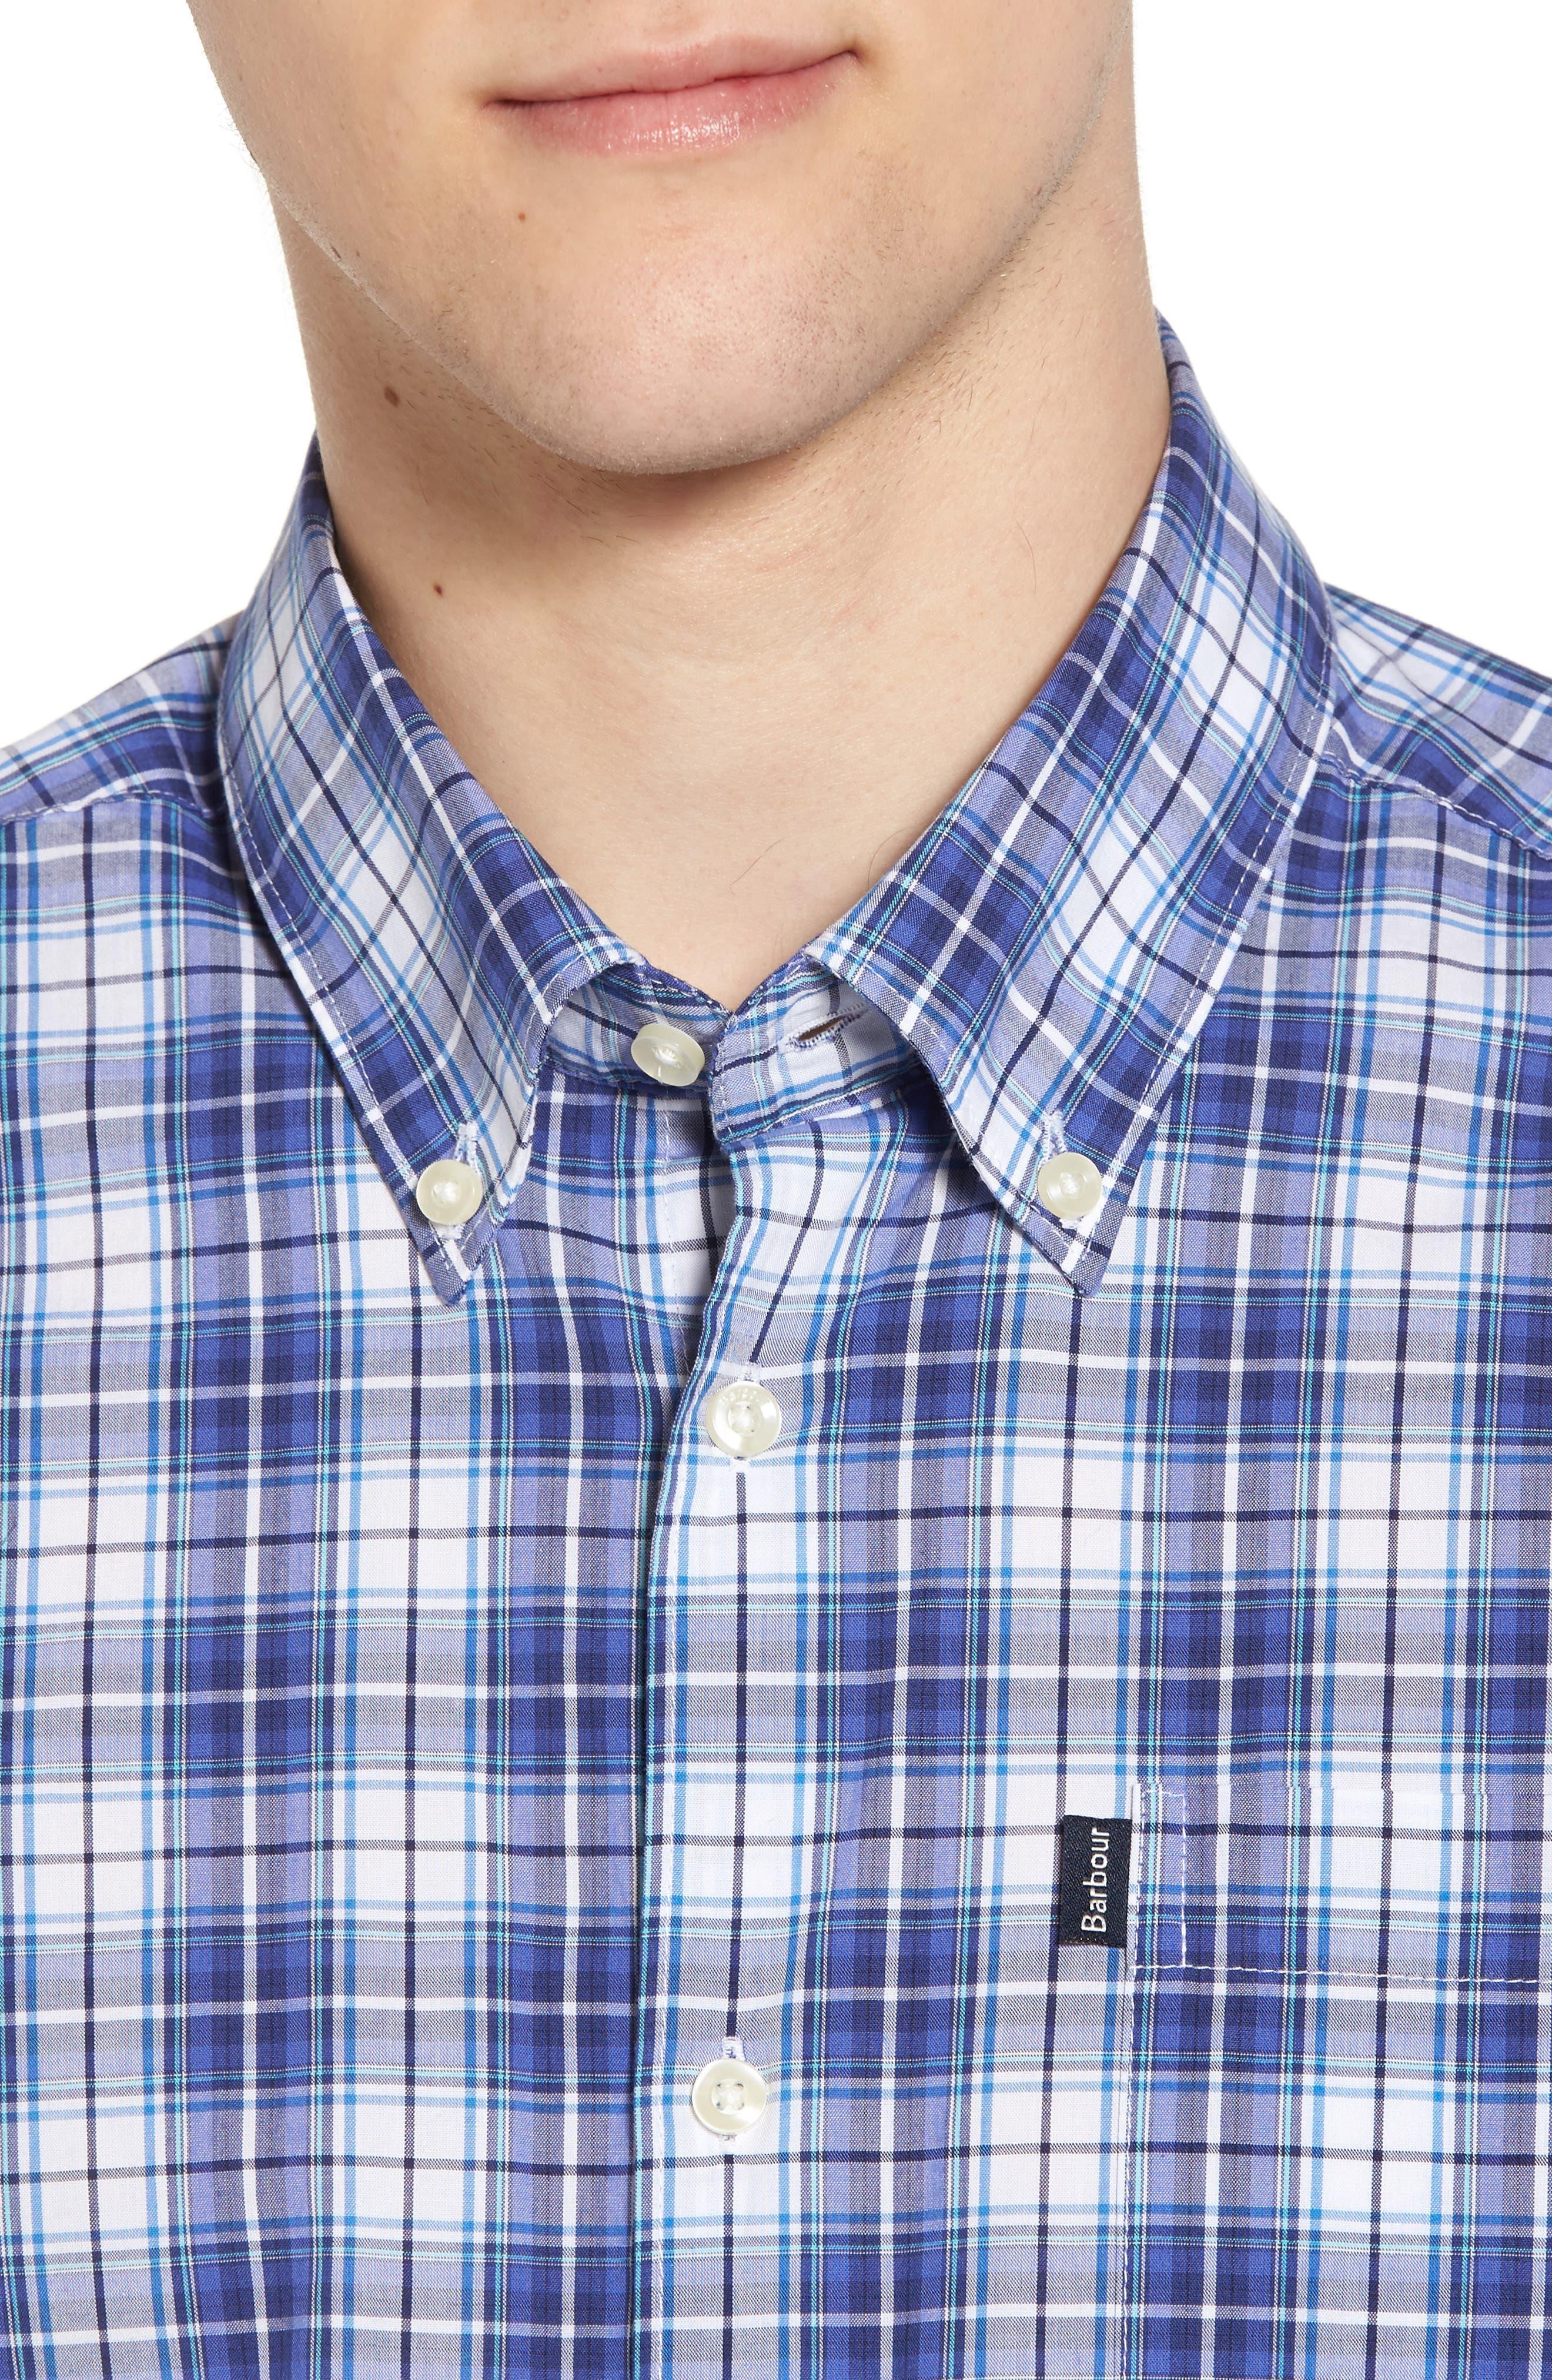 Leo Trim Fit Plaid Sport Shirt,                             Alternate thumbnail 4, color,                             420